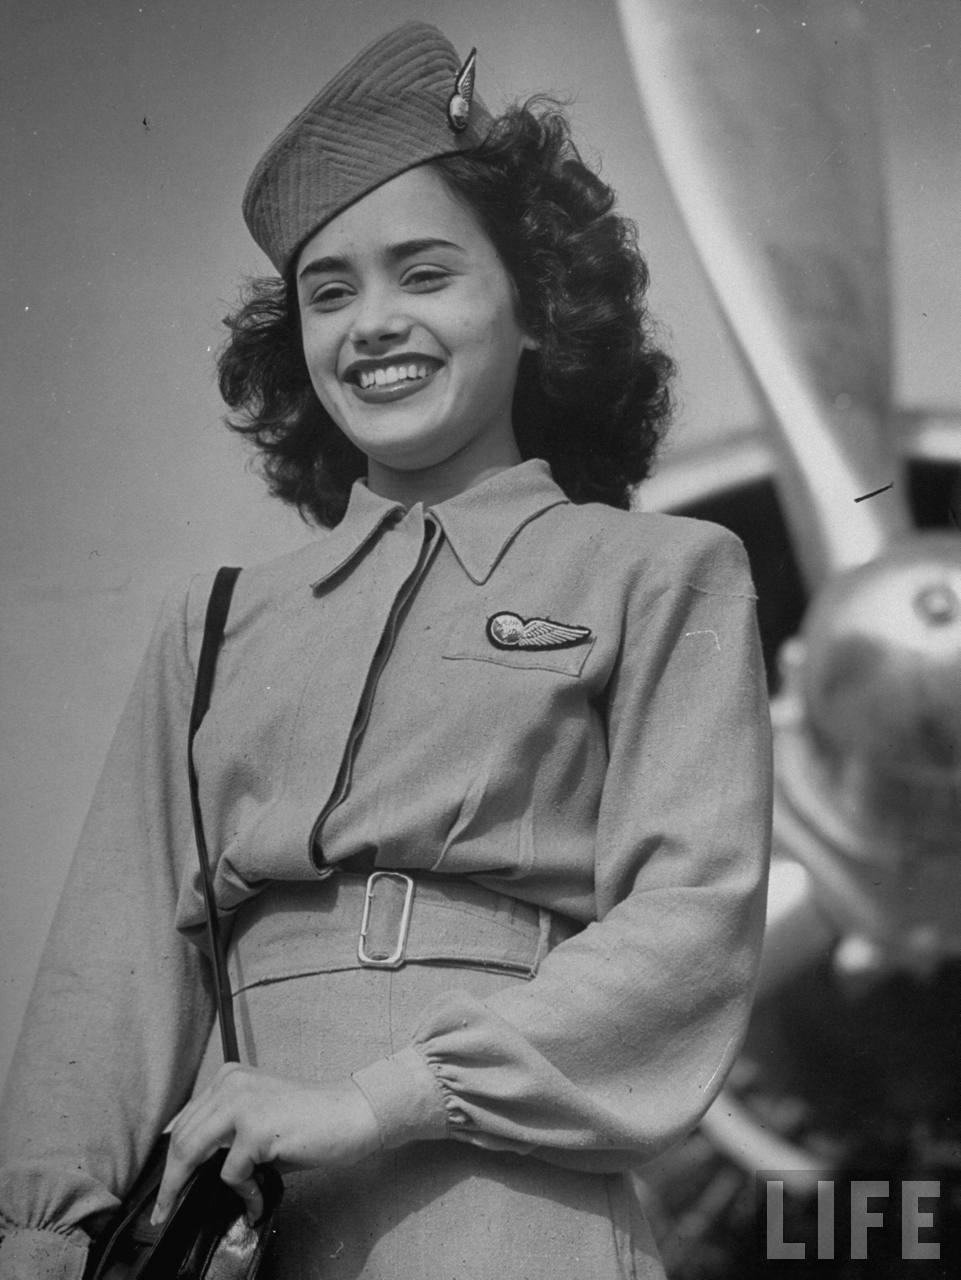 Air India flight attendant June Argent.